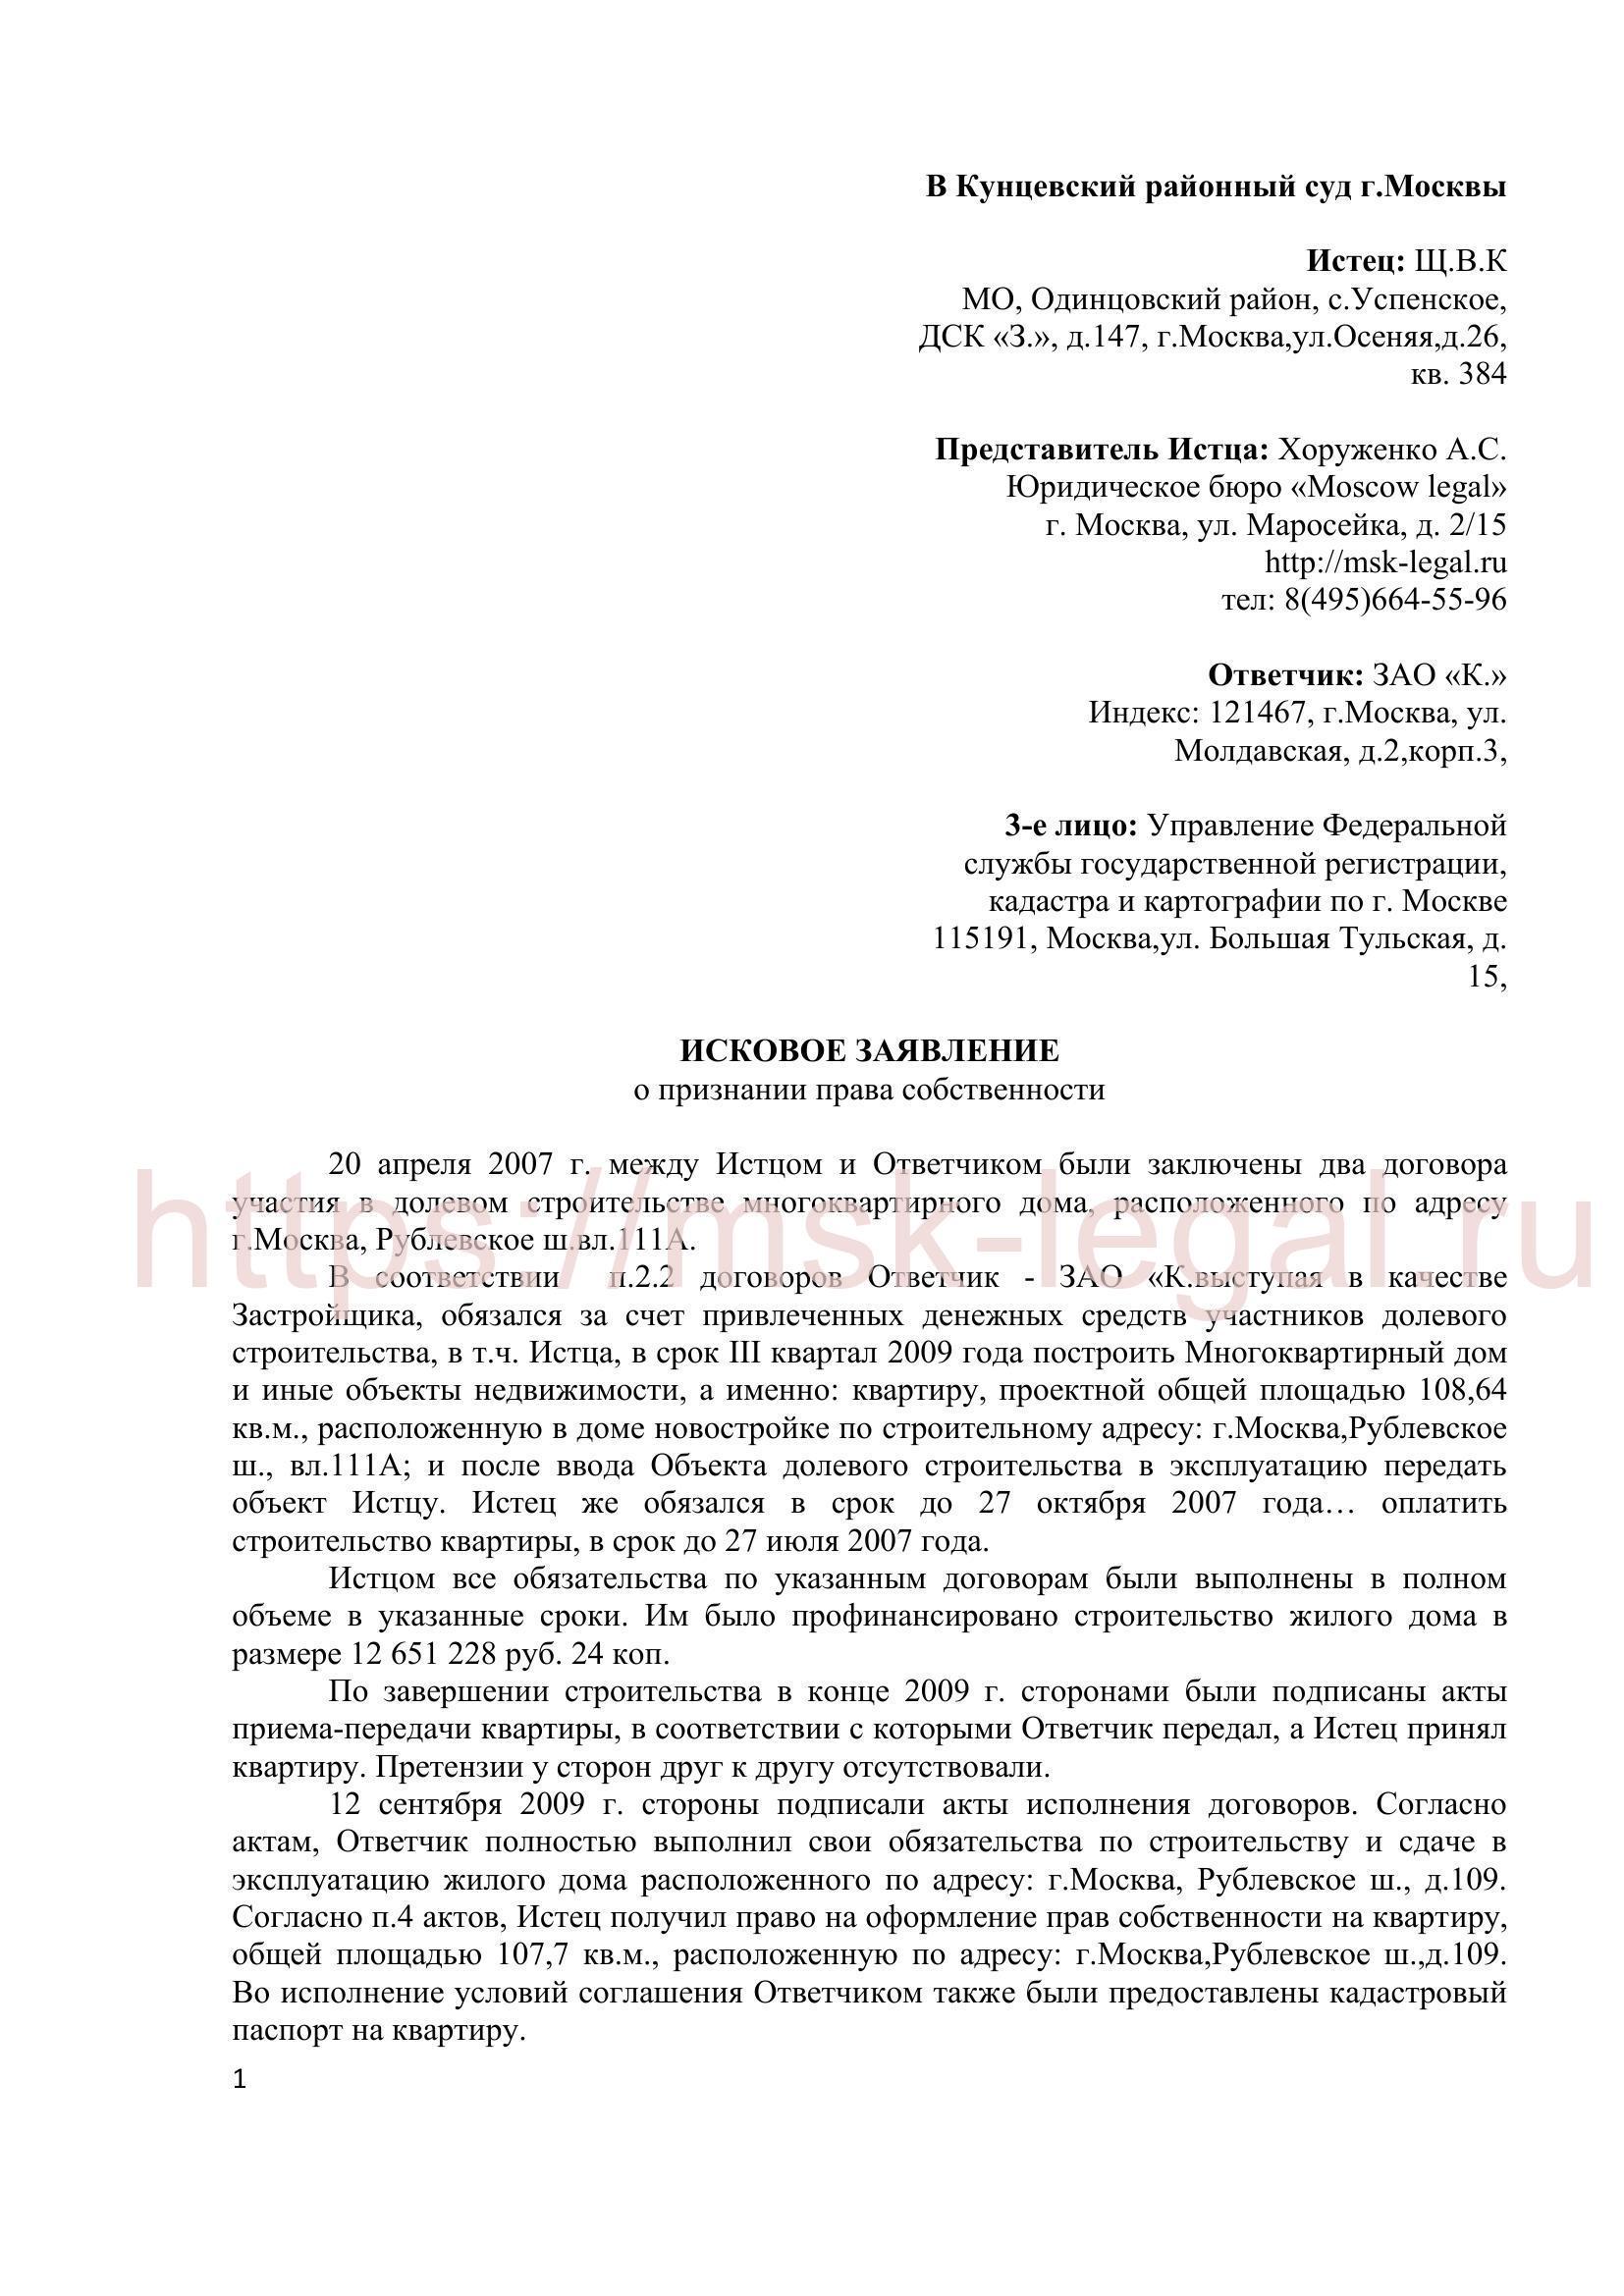 Иск о признании права собственности по договору долевого участия